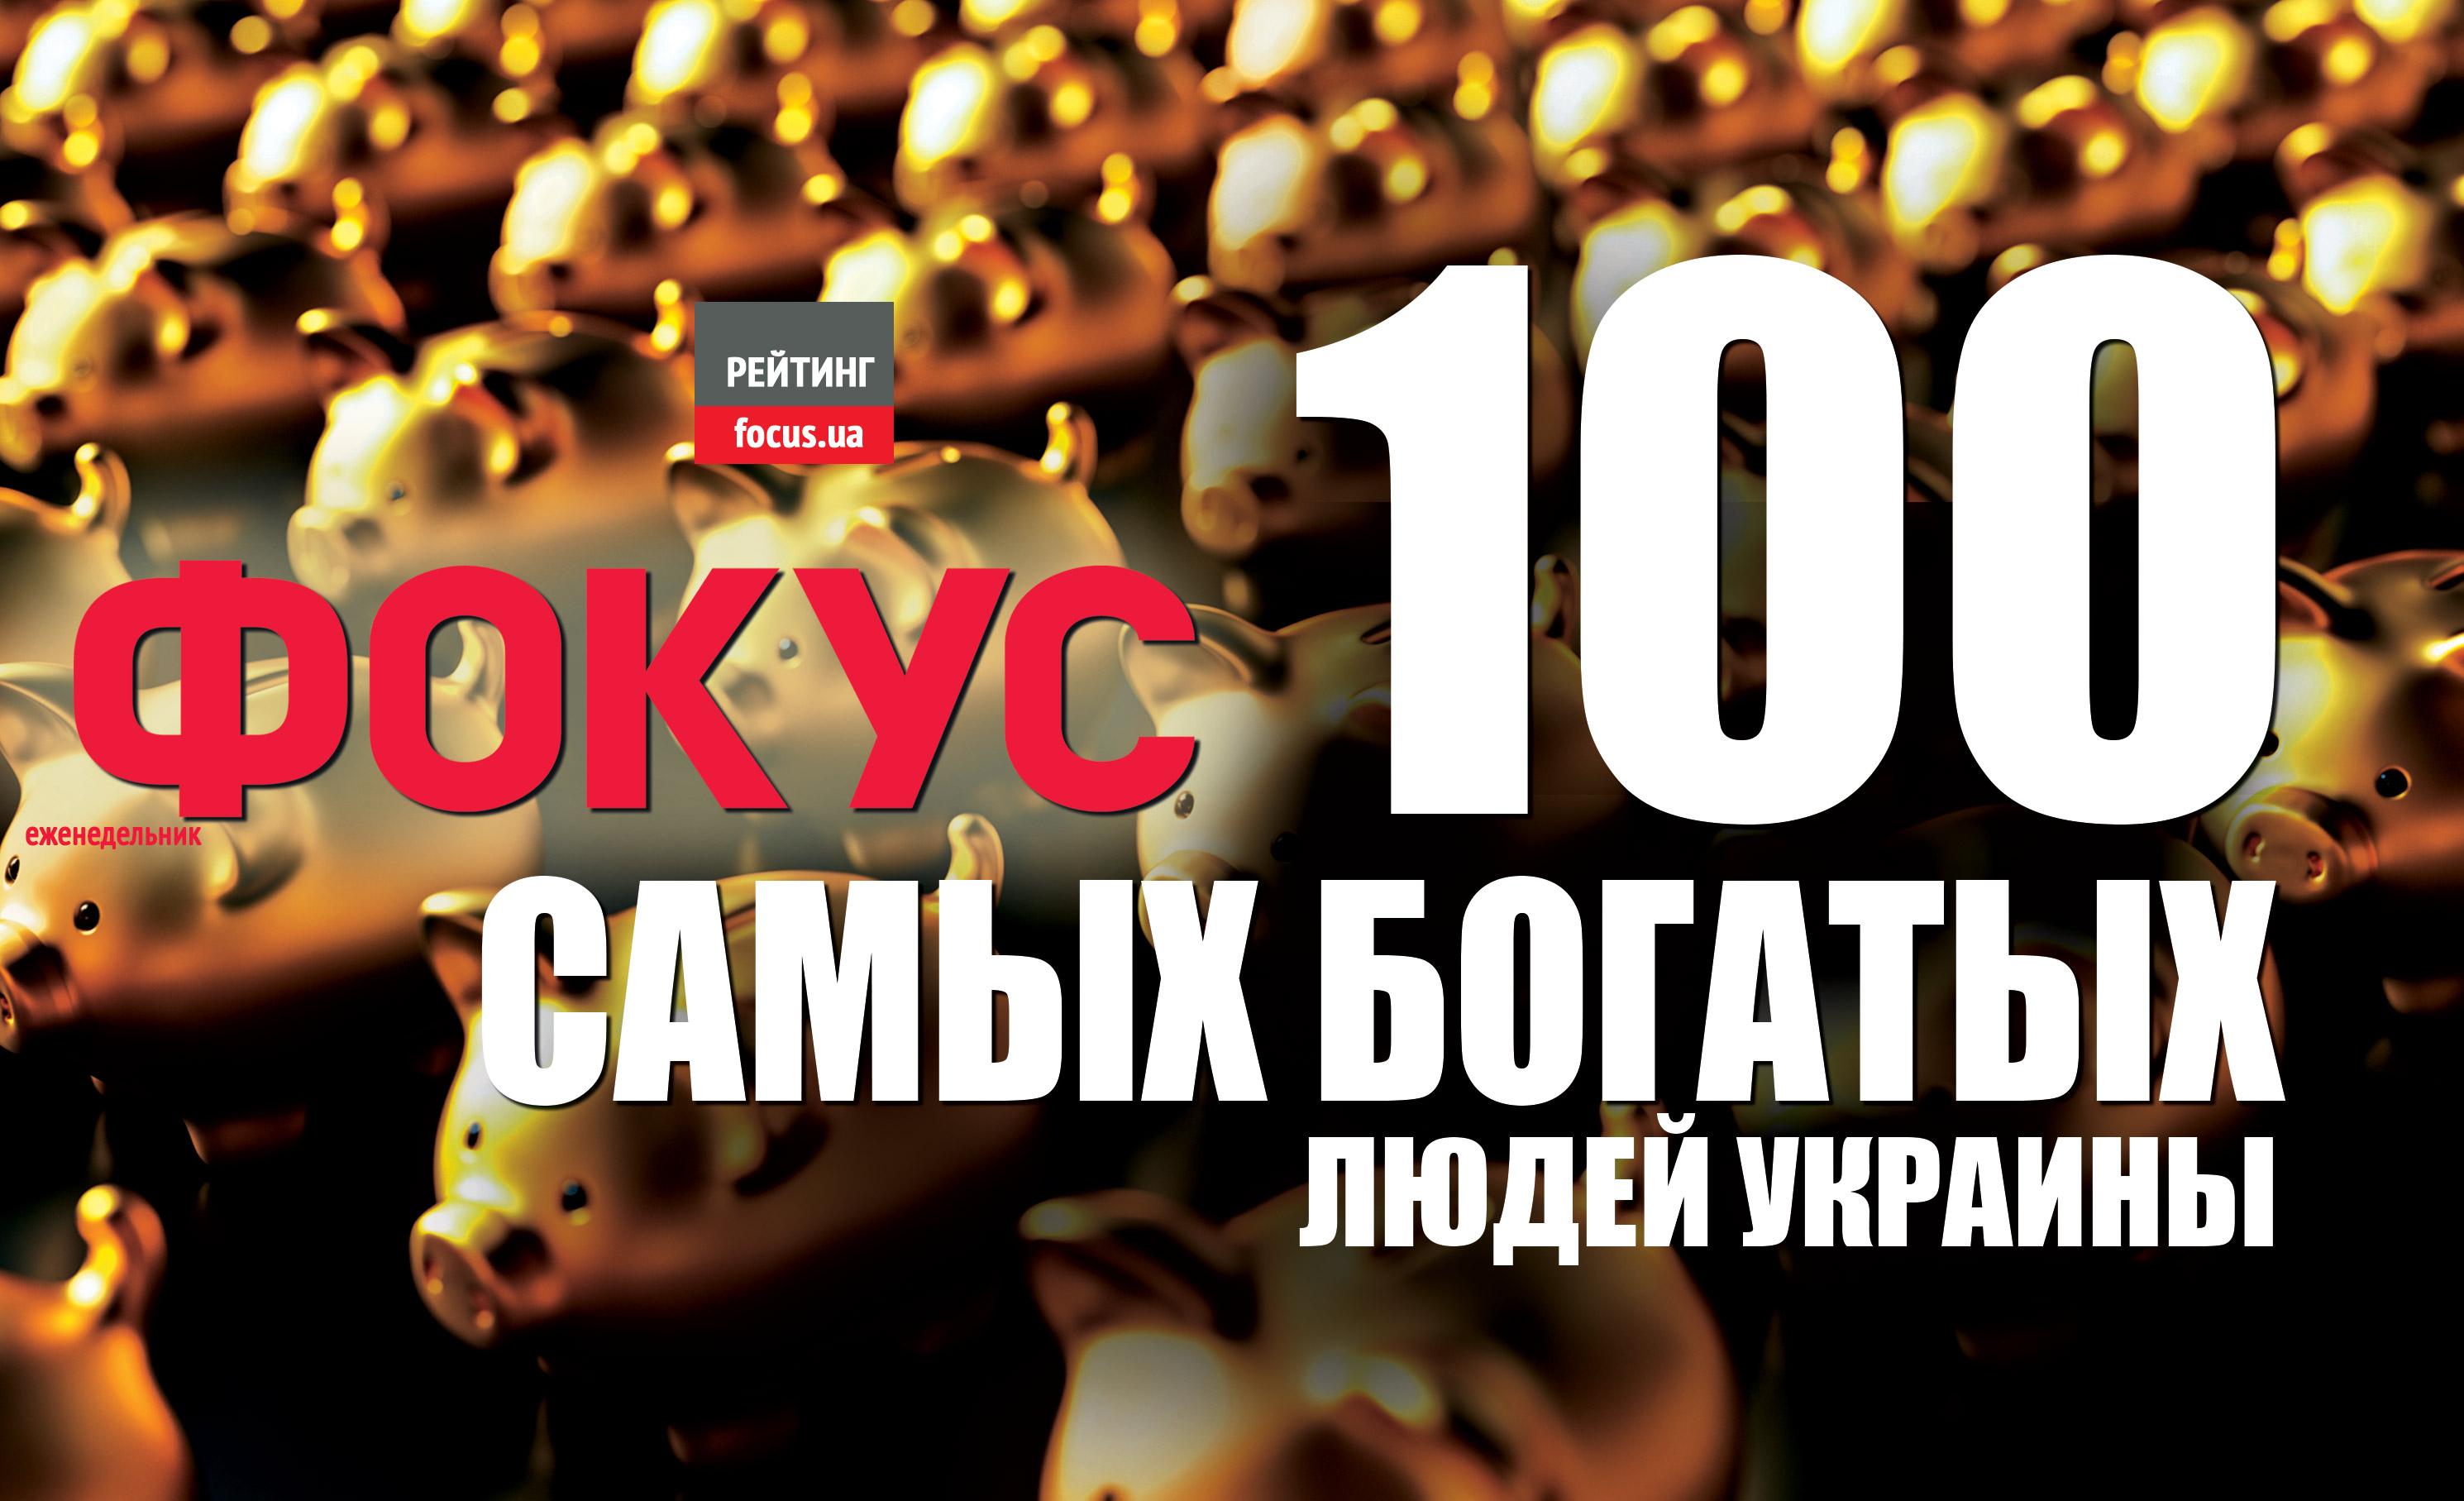 Журнал Фокус в 12-й раз назвал имена самых богатых украинцев.